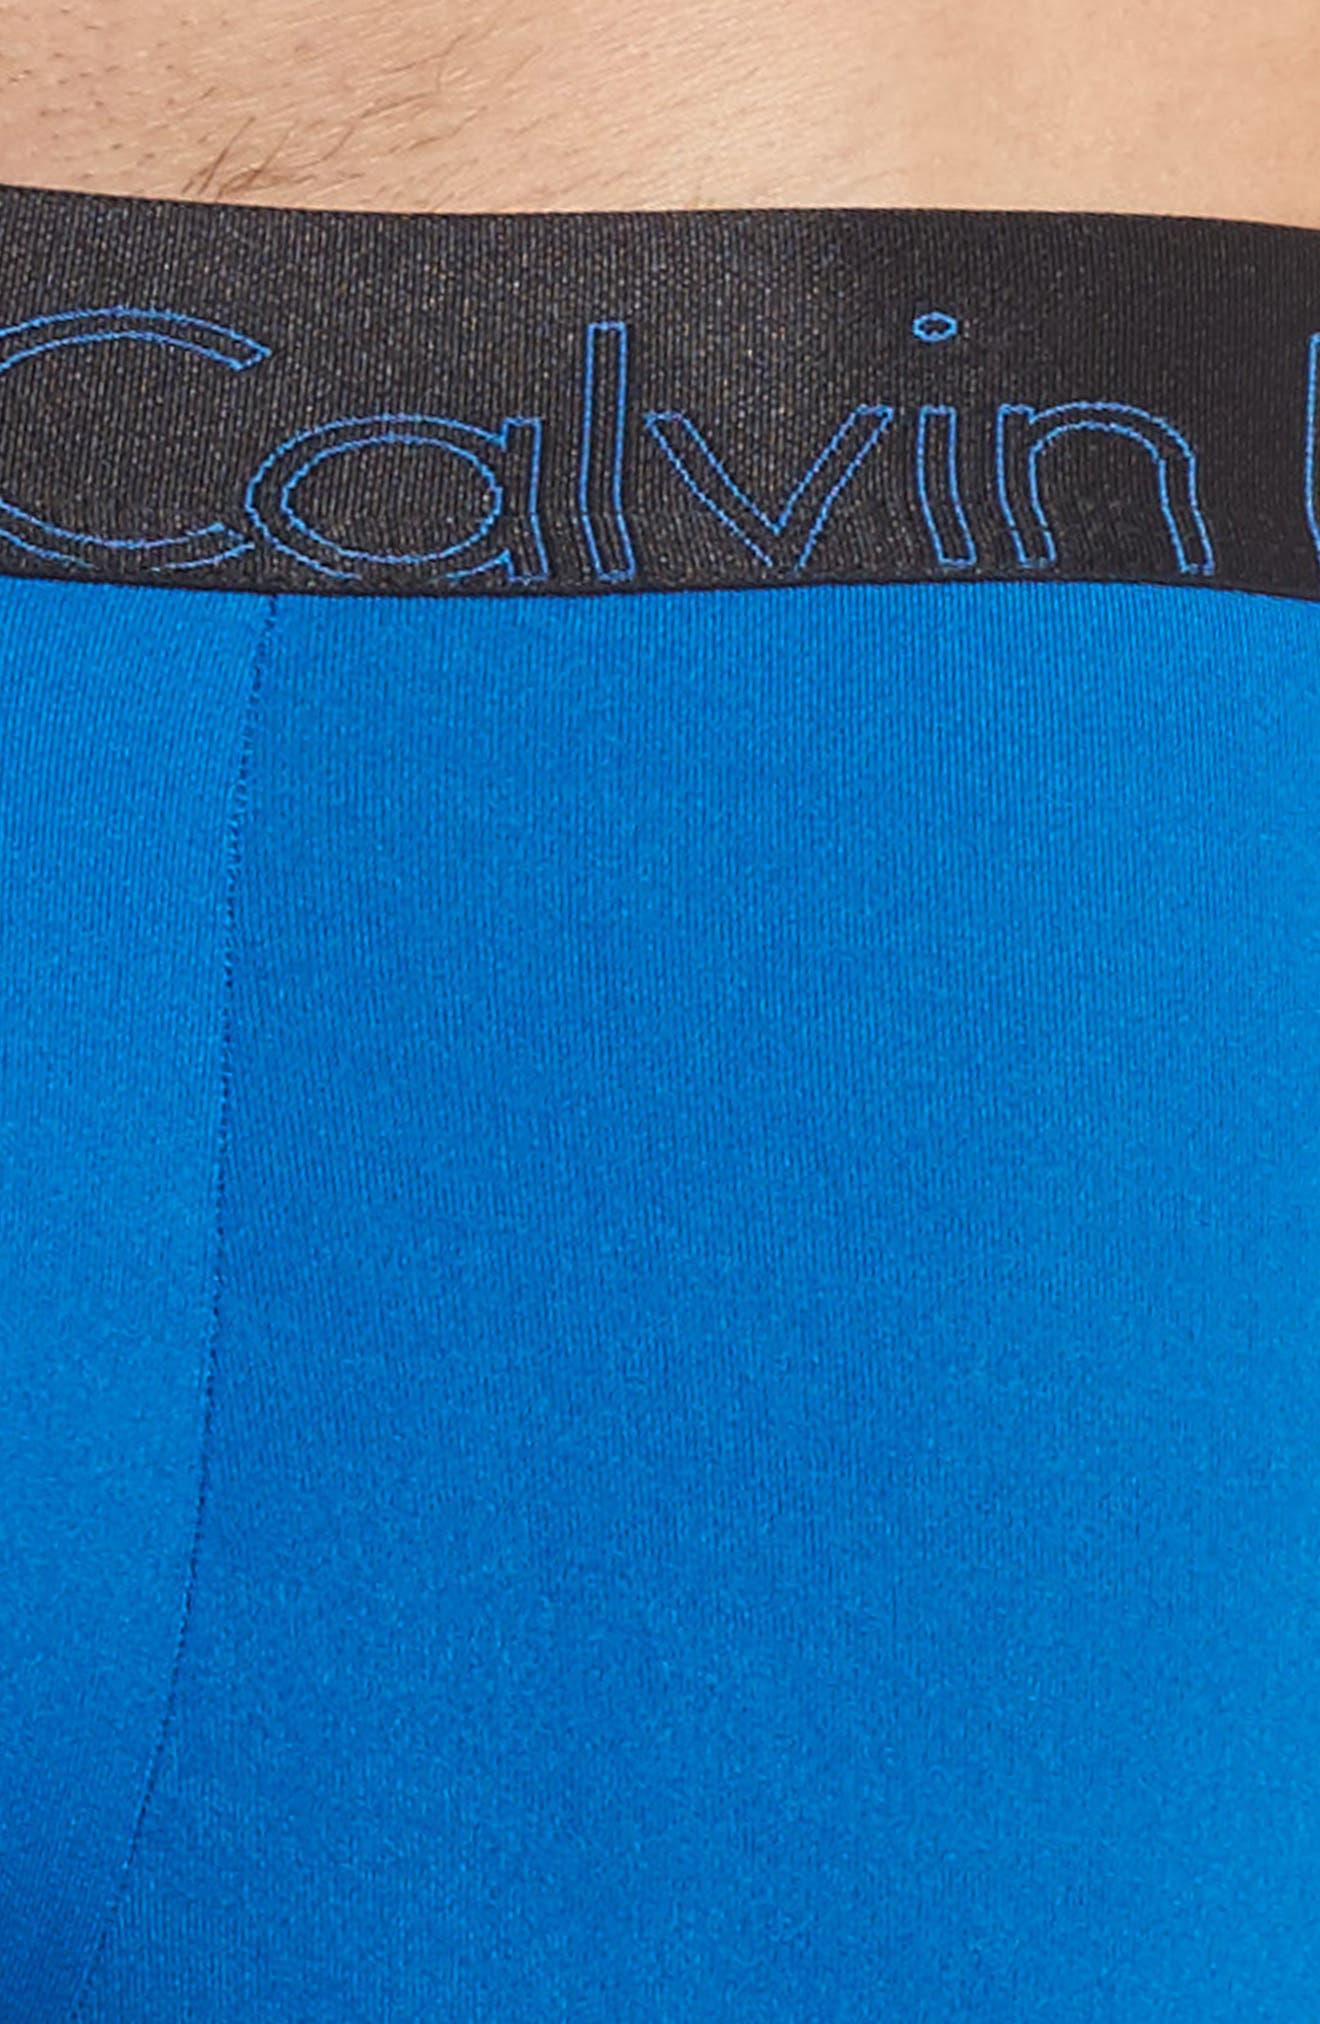 Edge Microfiber Trunks,                             Alternate thumbnail 4, color,                             Dream Blue